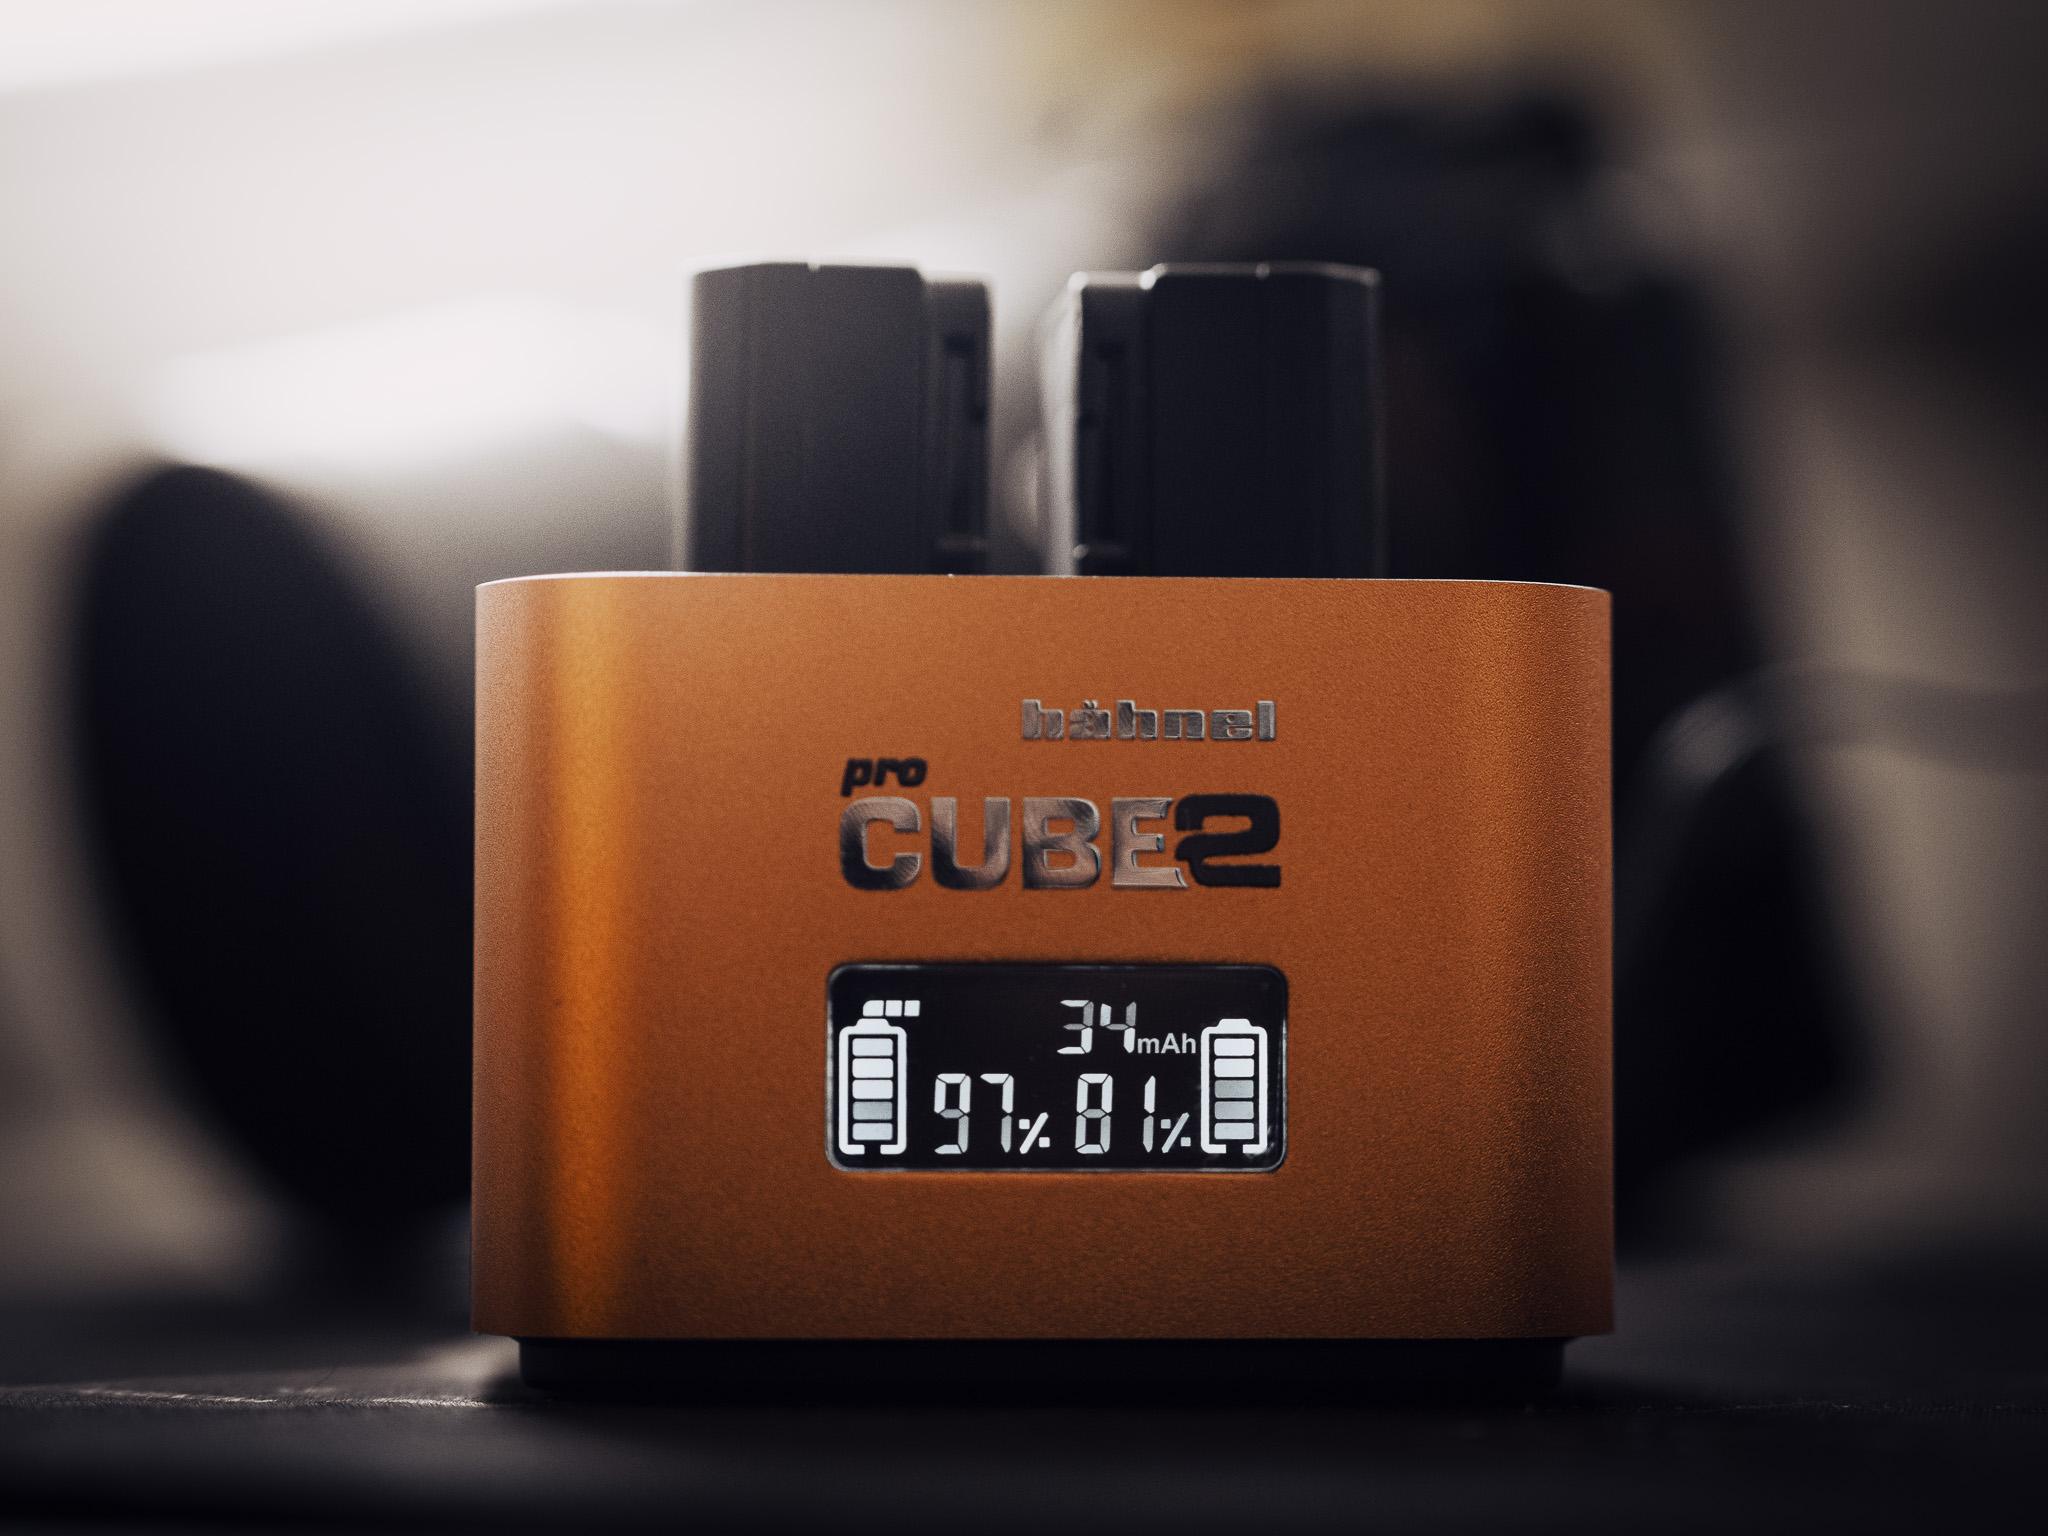 Hahnel proCUBE2 a jeho monochromatický OLED